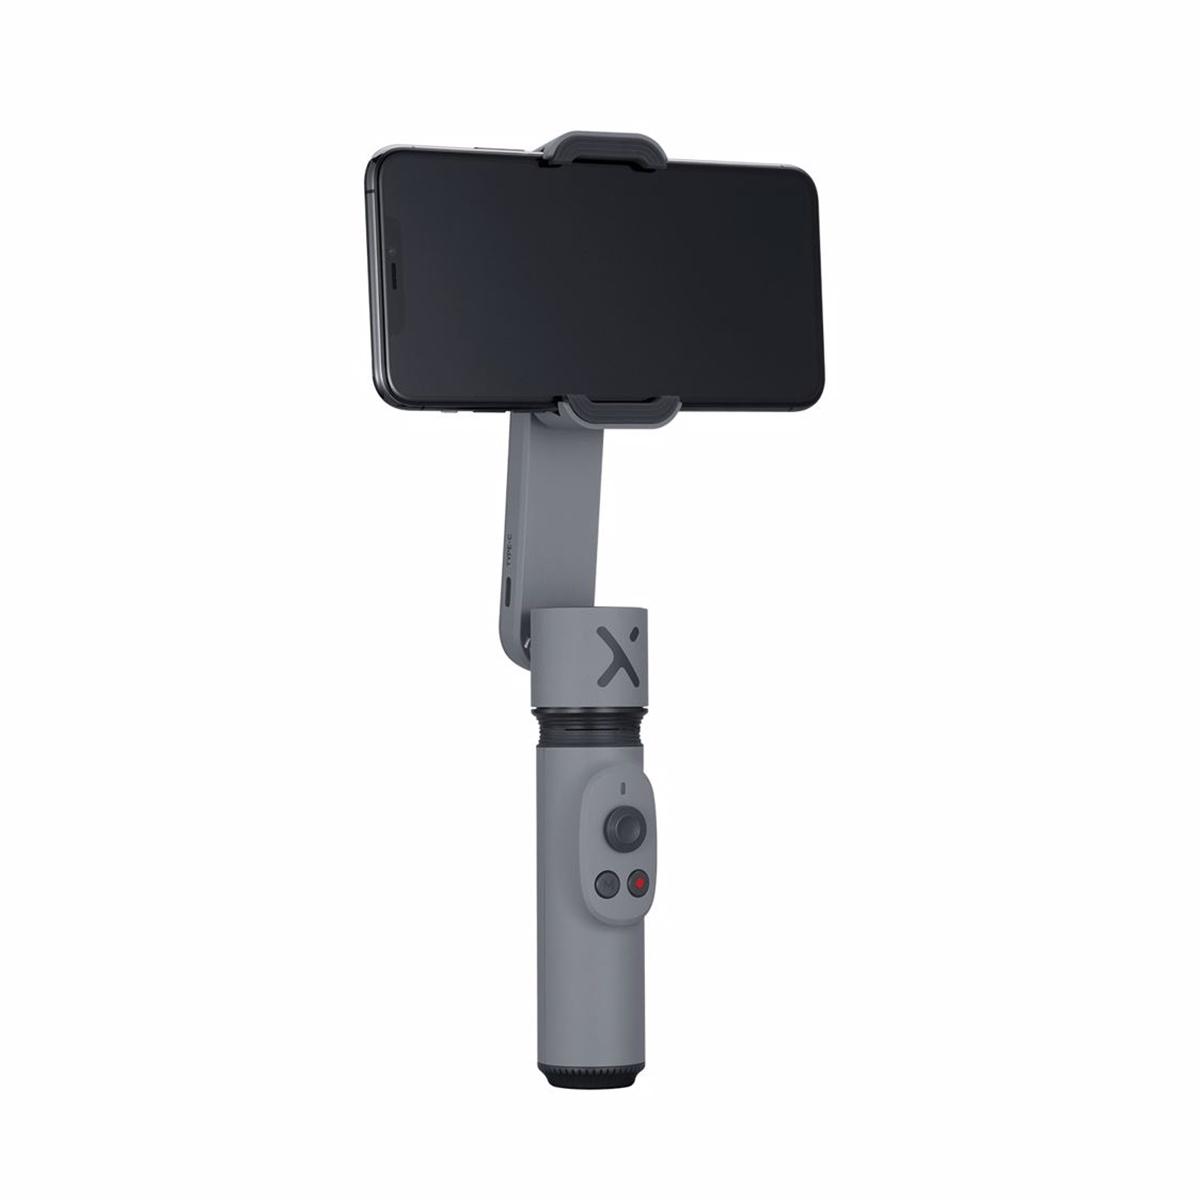 Zhiyun Smooth-X elektronický stabilizátor pre smartfón (šedý)